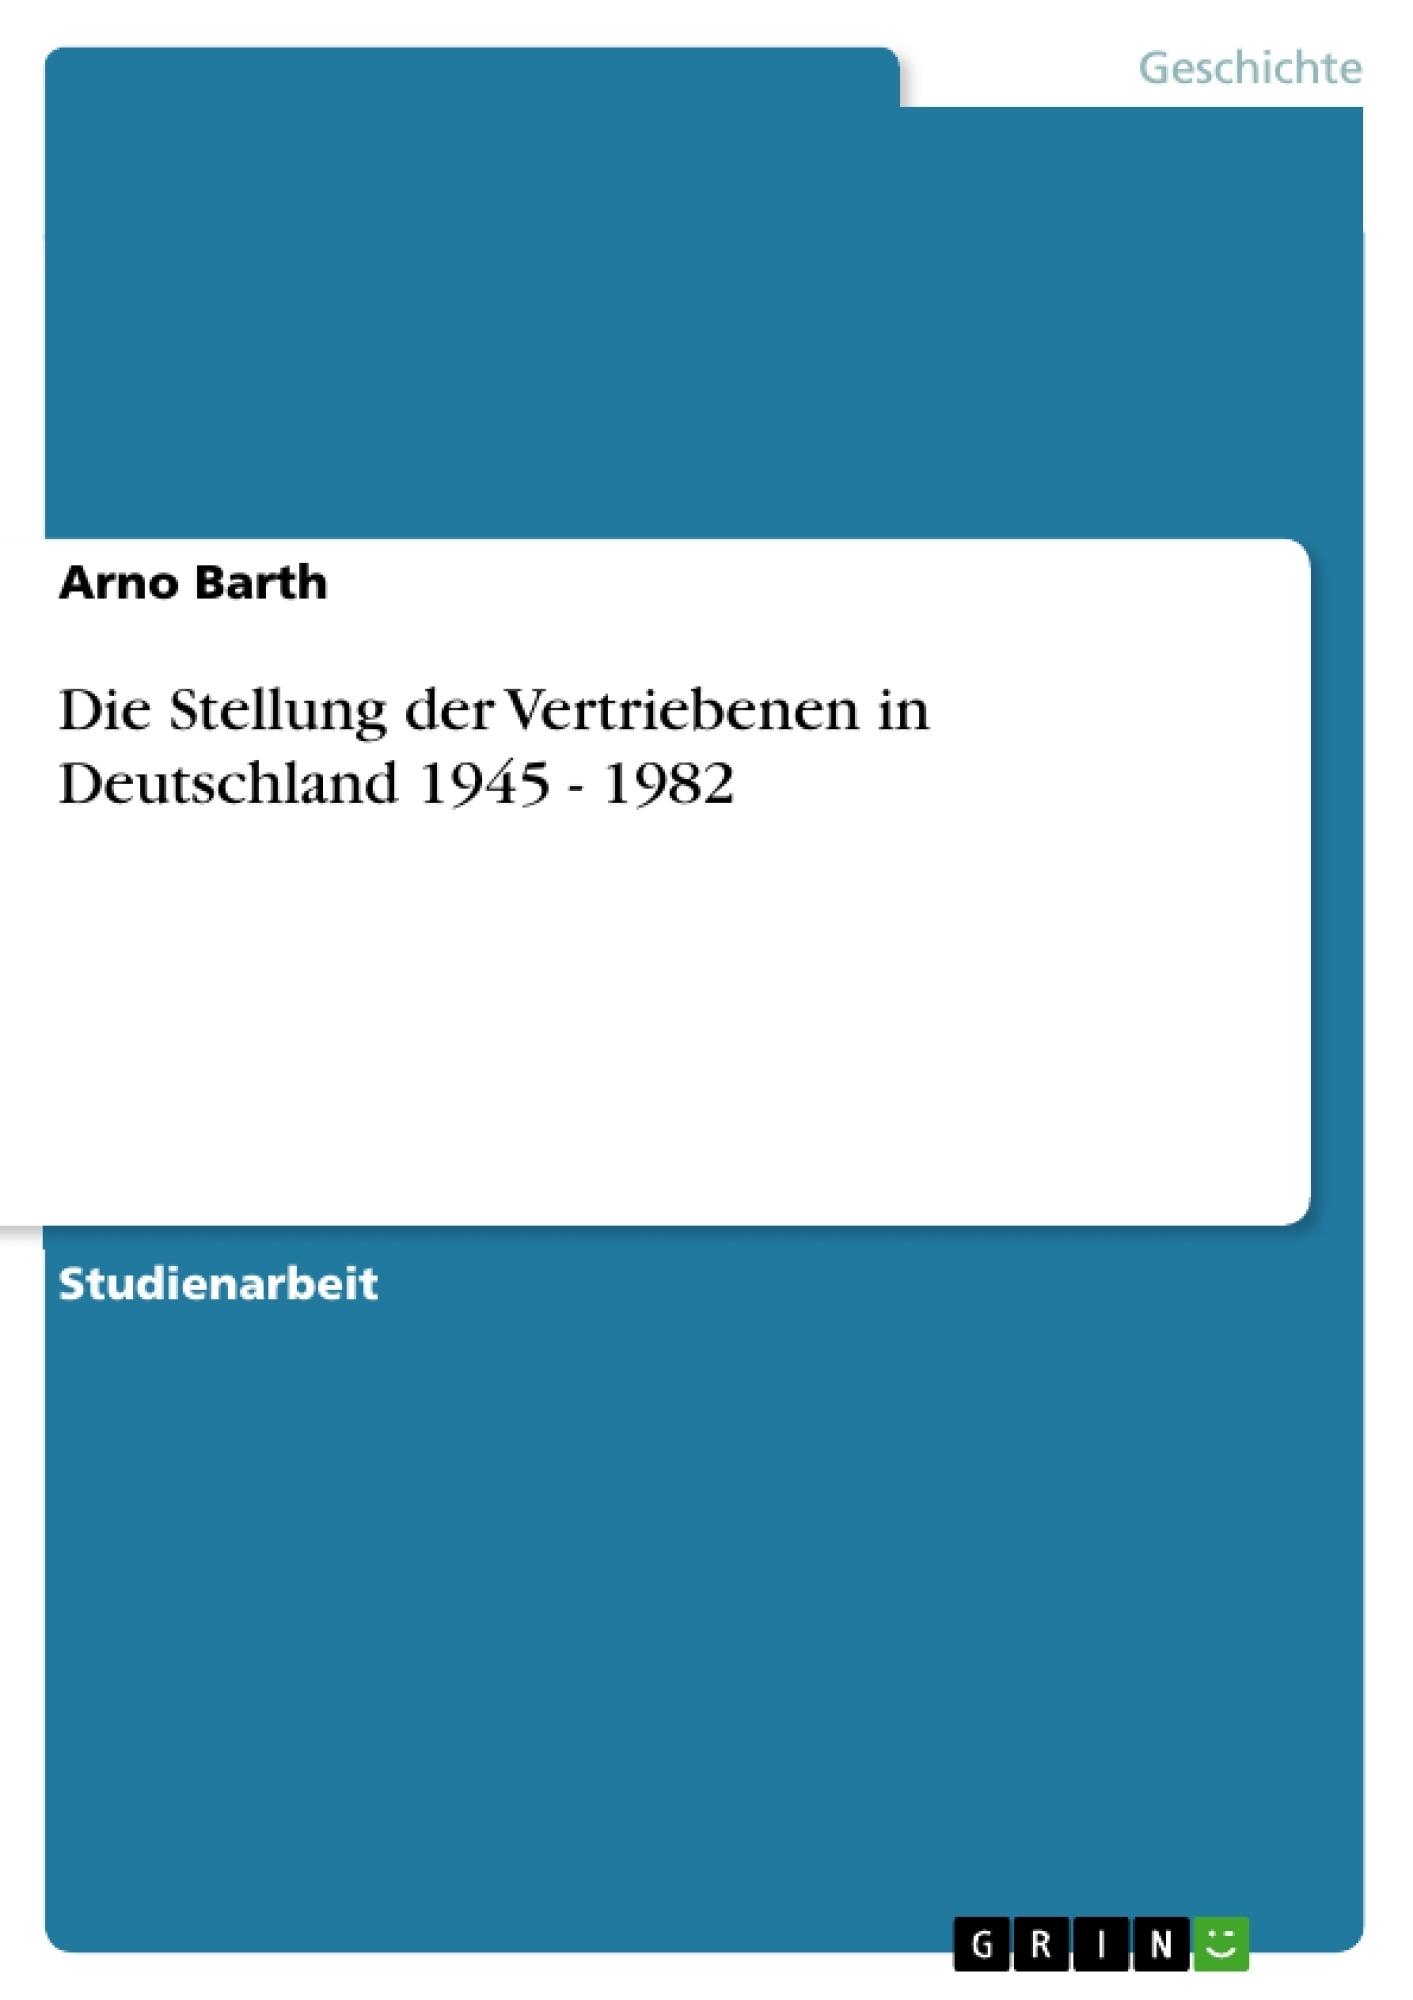 Titel: Die Stellung der Vertriebenen in Deutschland 1945 - 1982